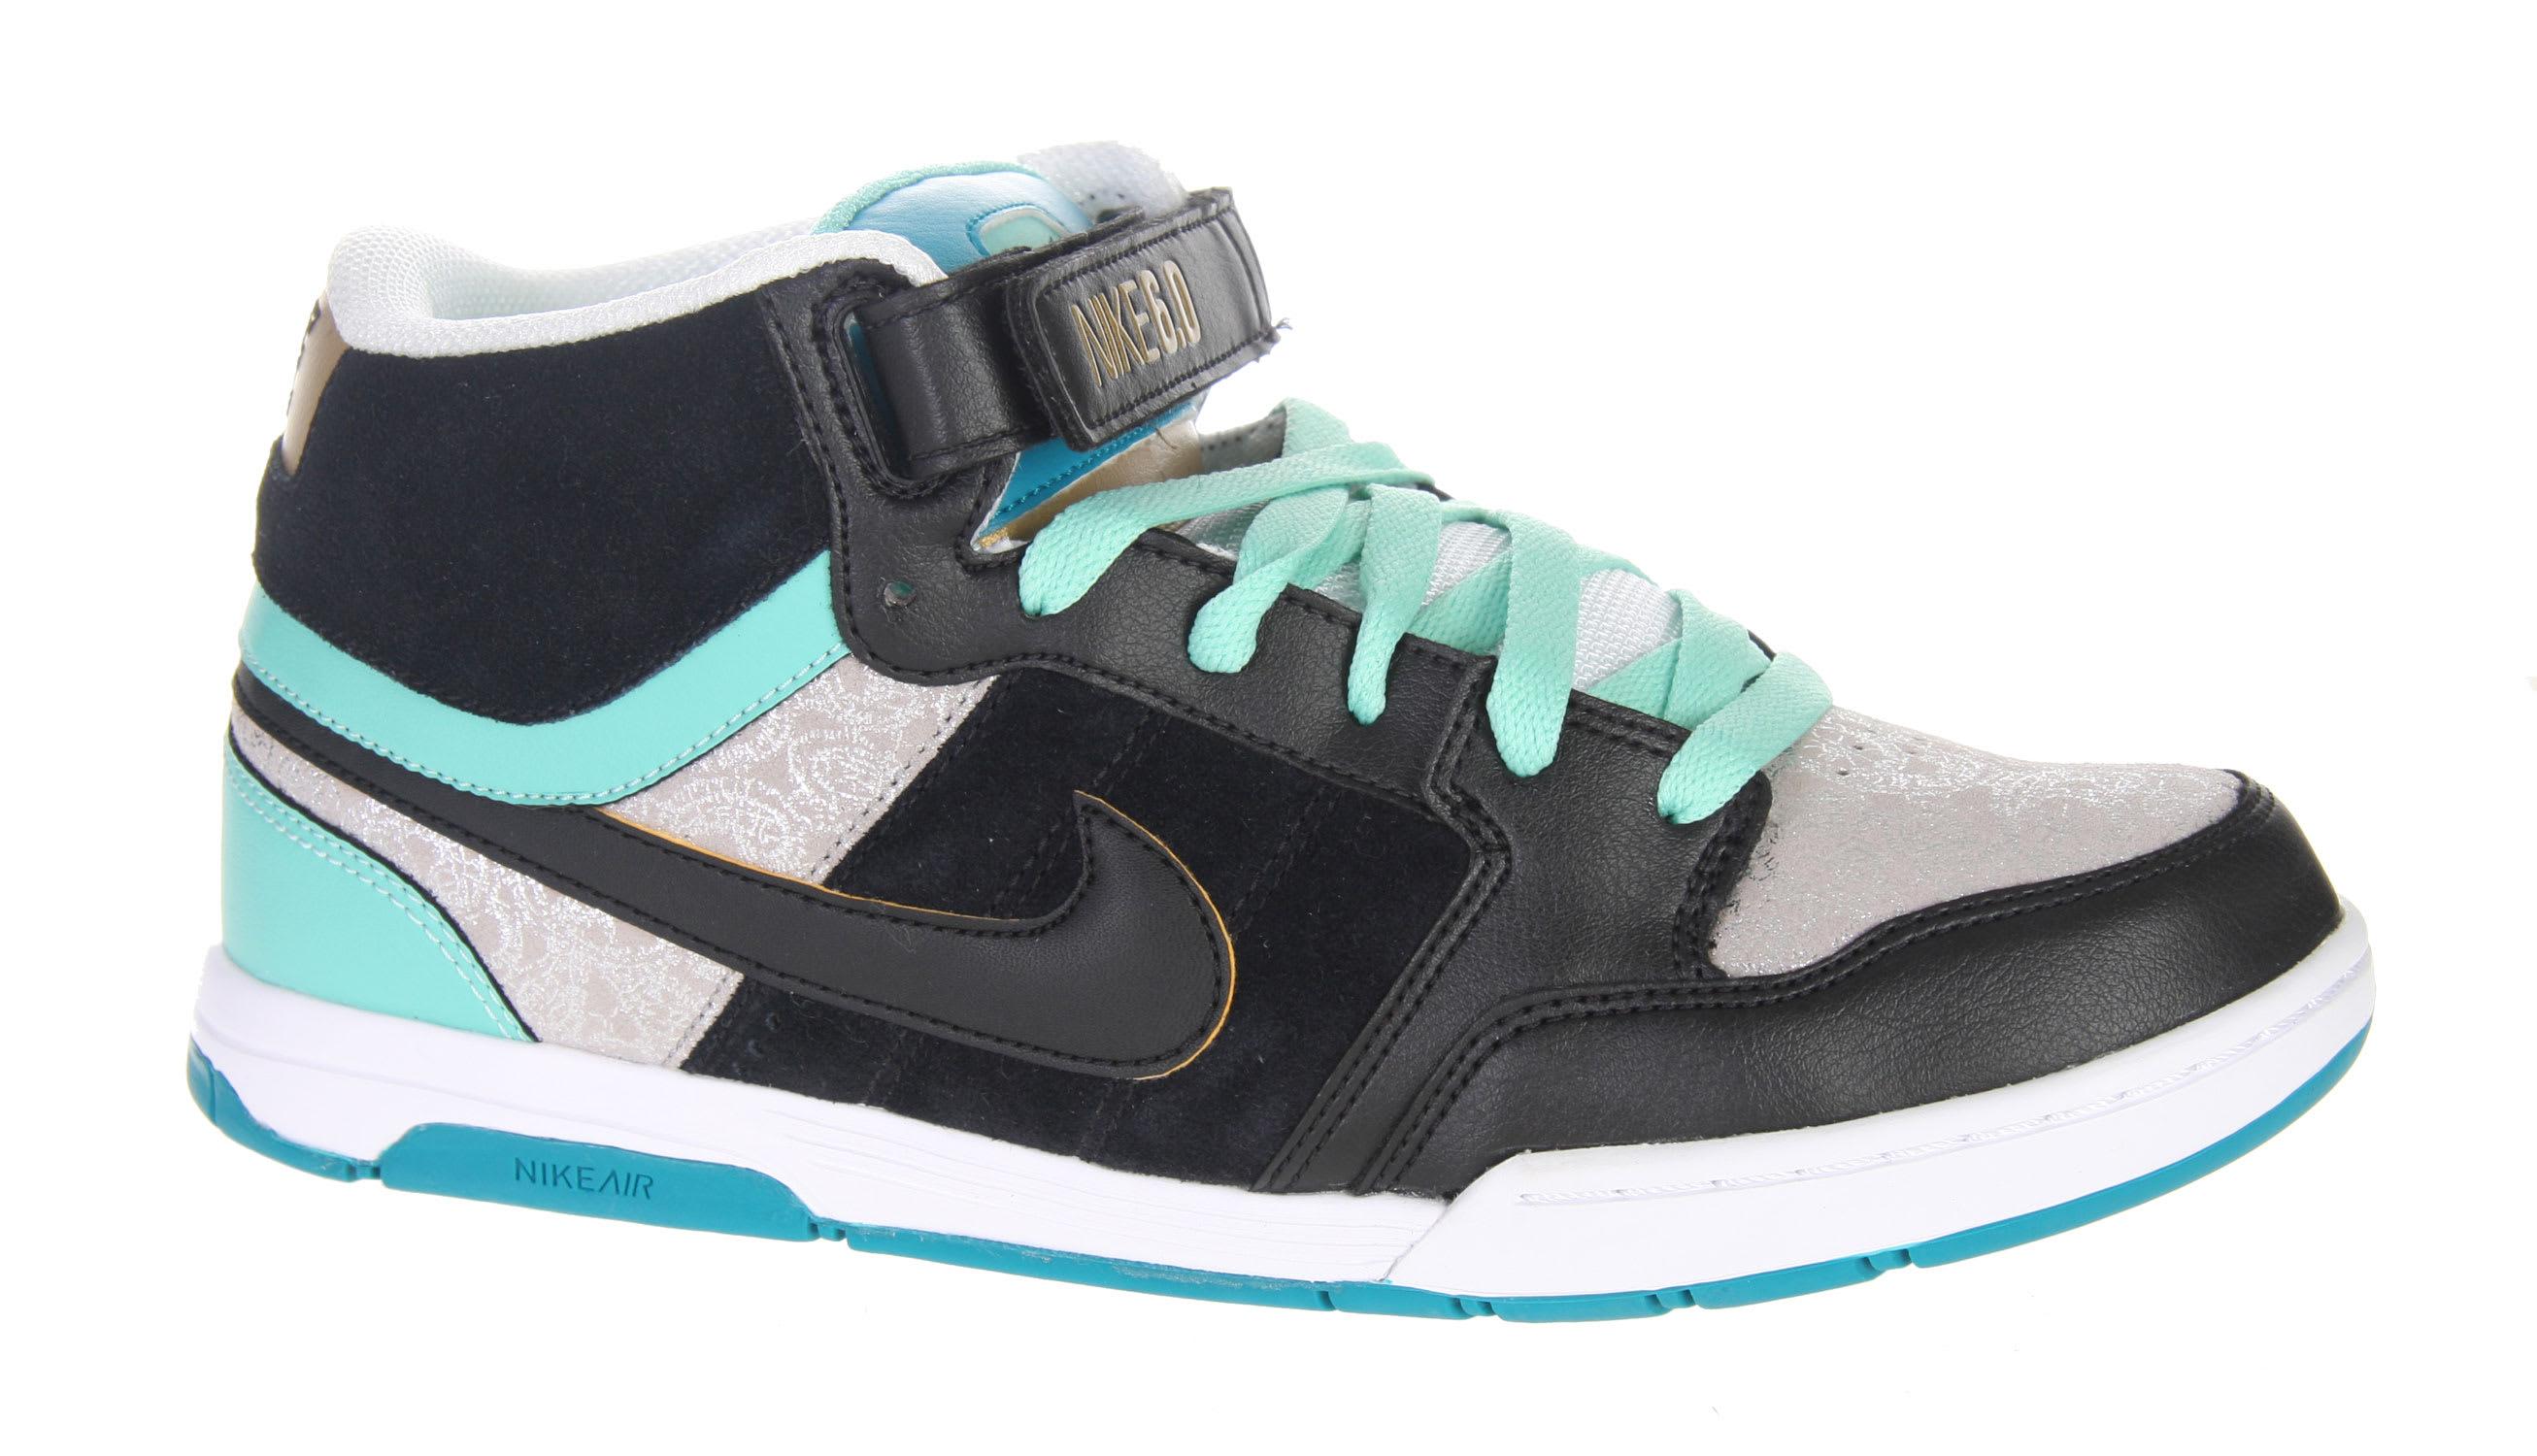 Femmes Nike Air Mogan Mid 2 Footlocker réduction Finishline exclusif à vendre visiter le nouveau réduction SAST xptSh46